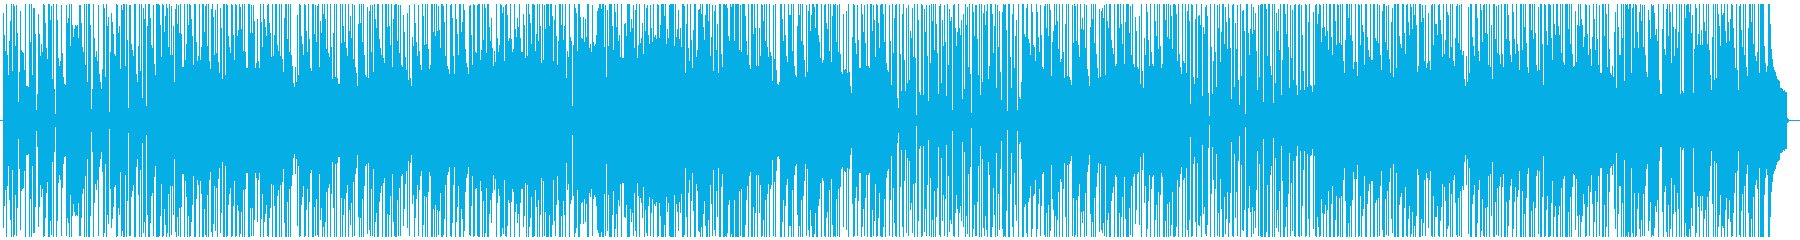 情熱的なラテン系フュージョンの再生済みの波形